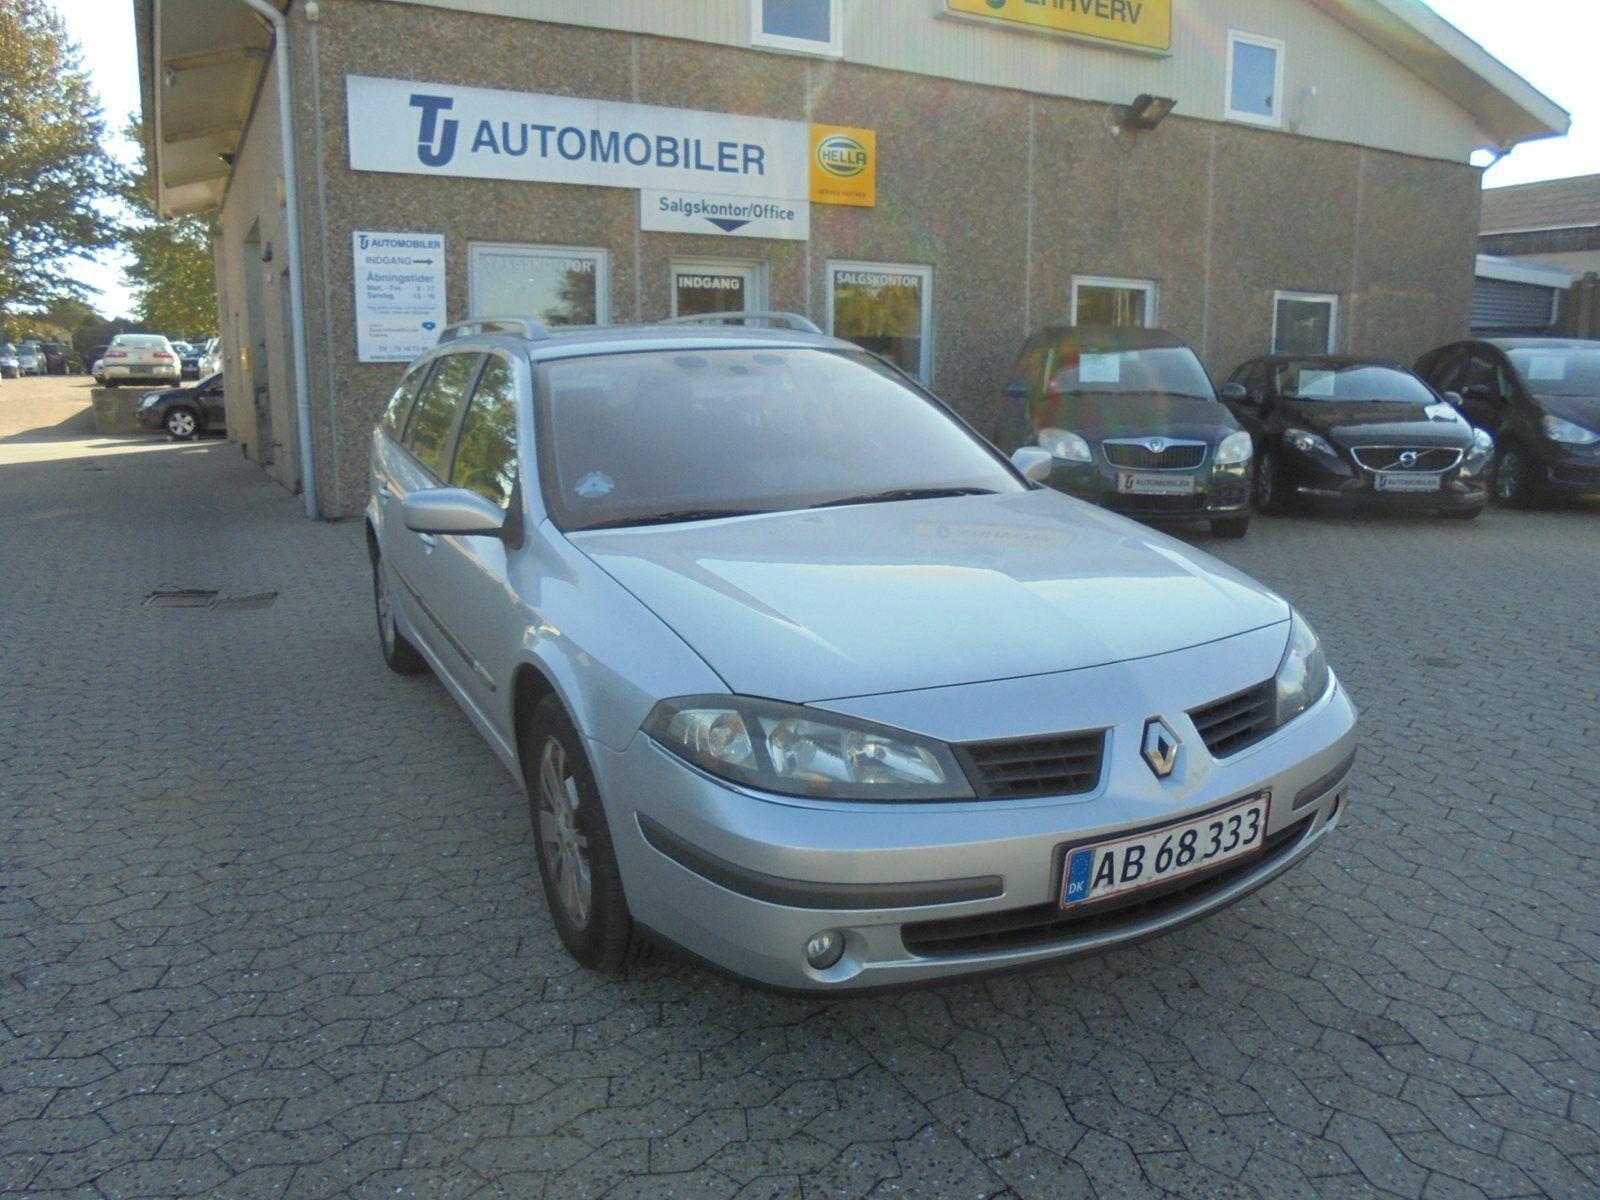 Renault Laguna II 1,9 dCi 105 Dynamique stc. 5d